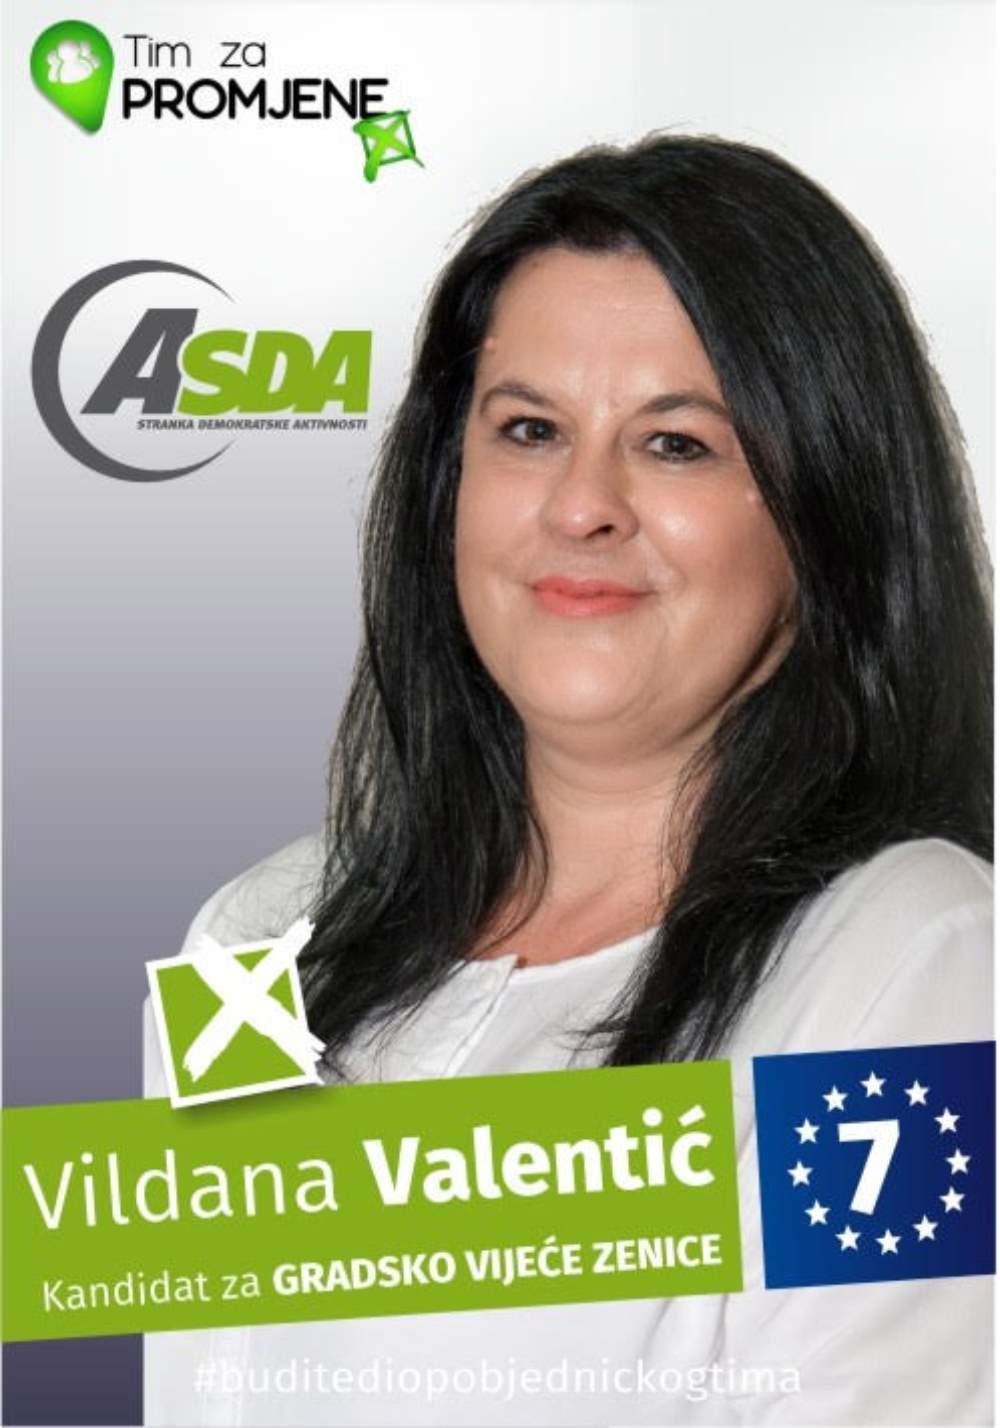 Vildana Valentić